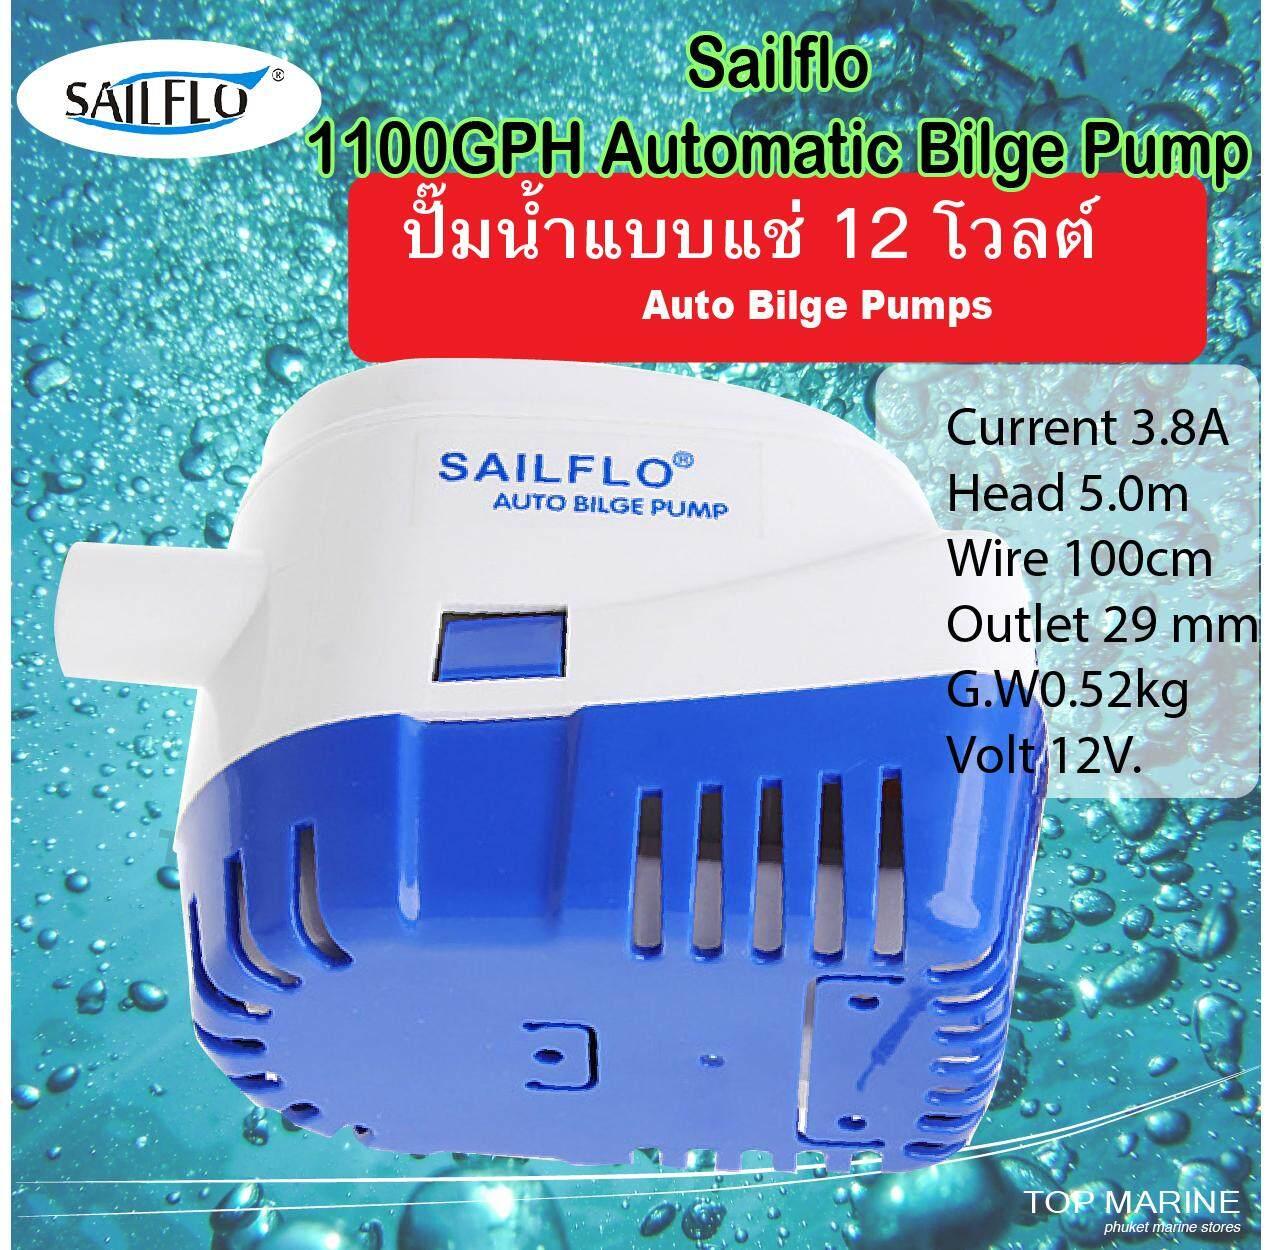 ปั้มน้ำเรือ 1100gph ออโต้ 1100gph Automatic Bilge Pump.